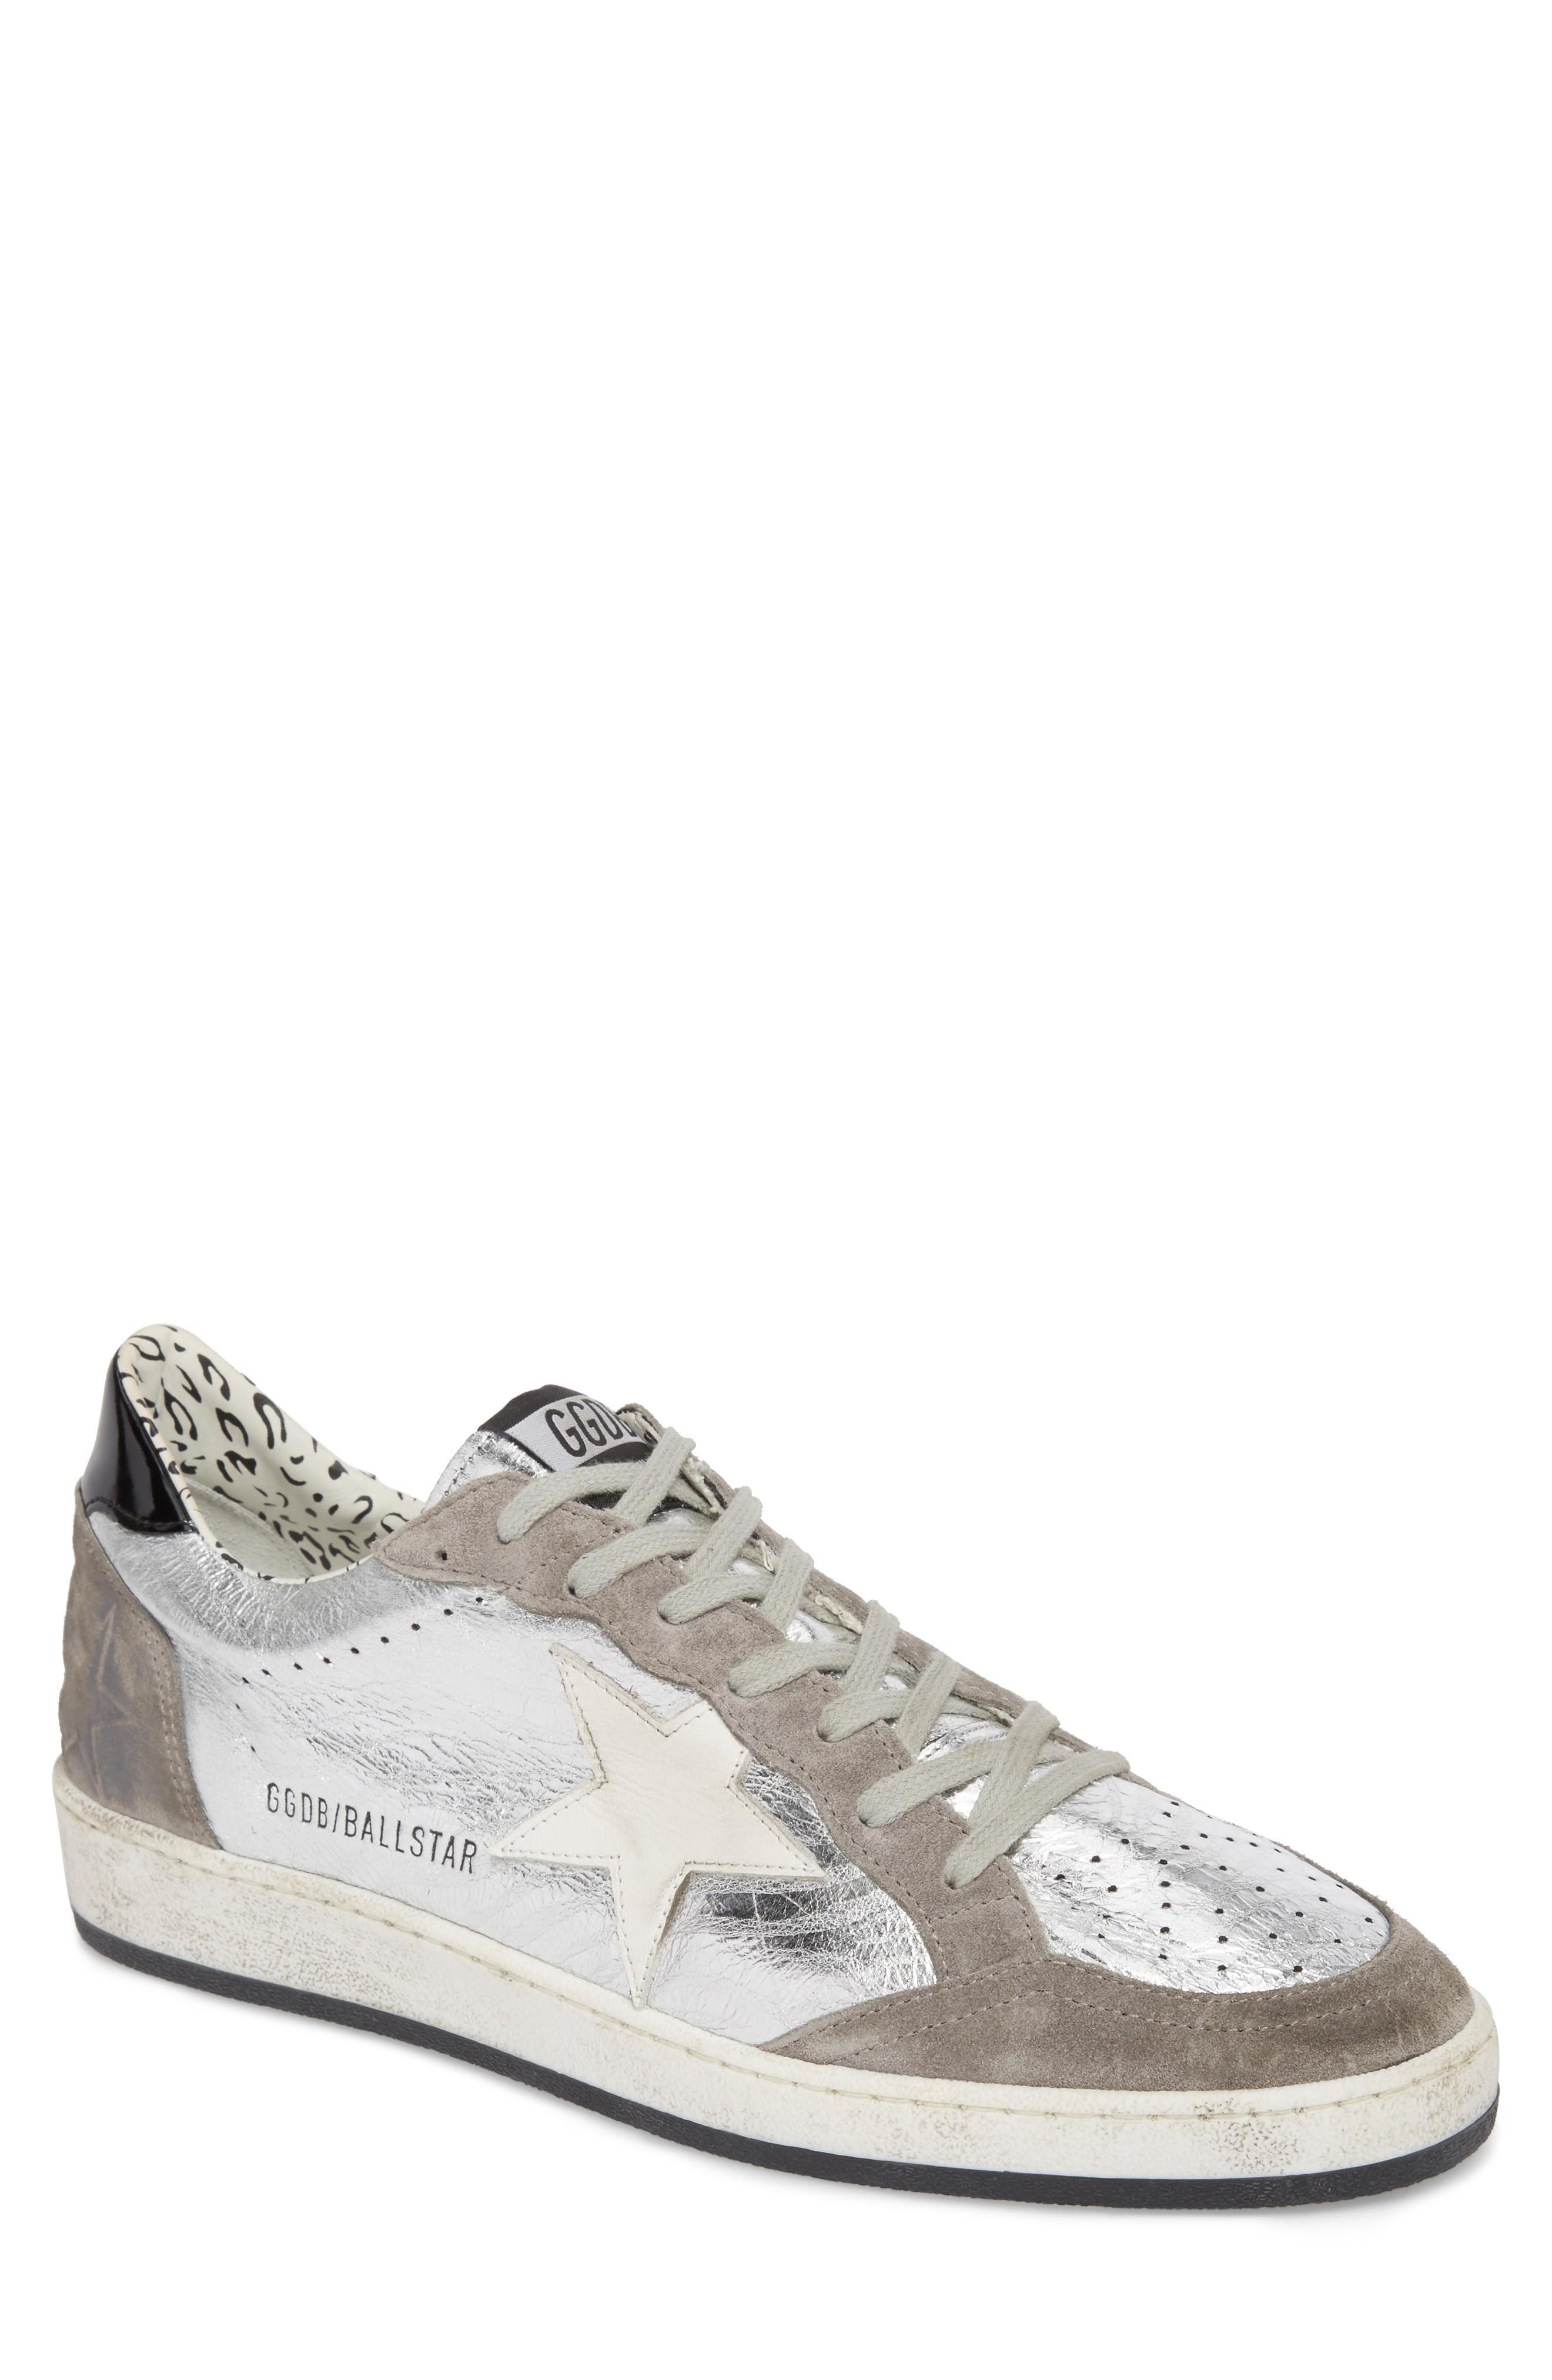 In White Star Ball Zebra B Silver Modesens Sneaker Goose Golden vwxTgqn